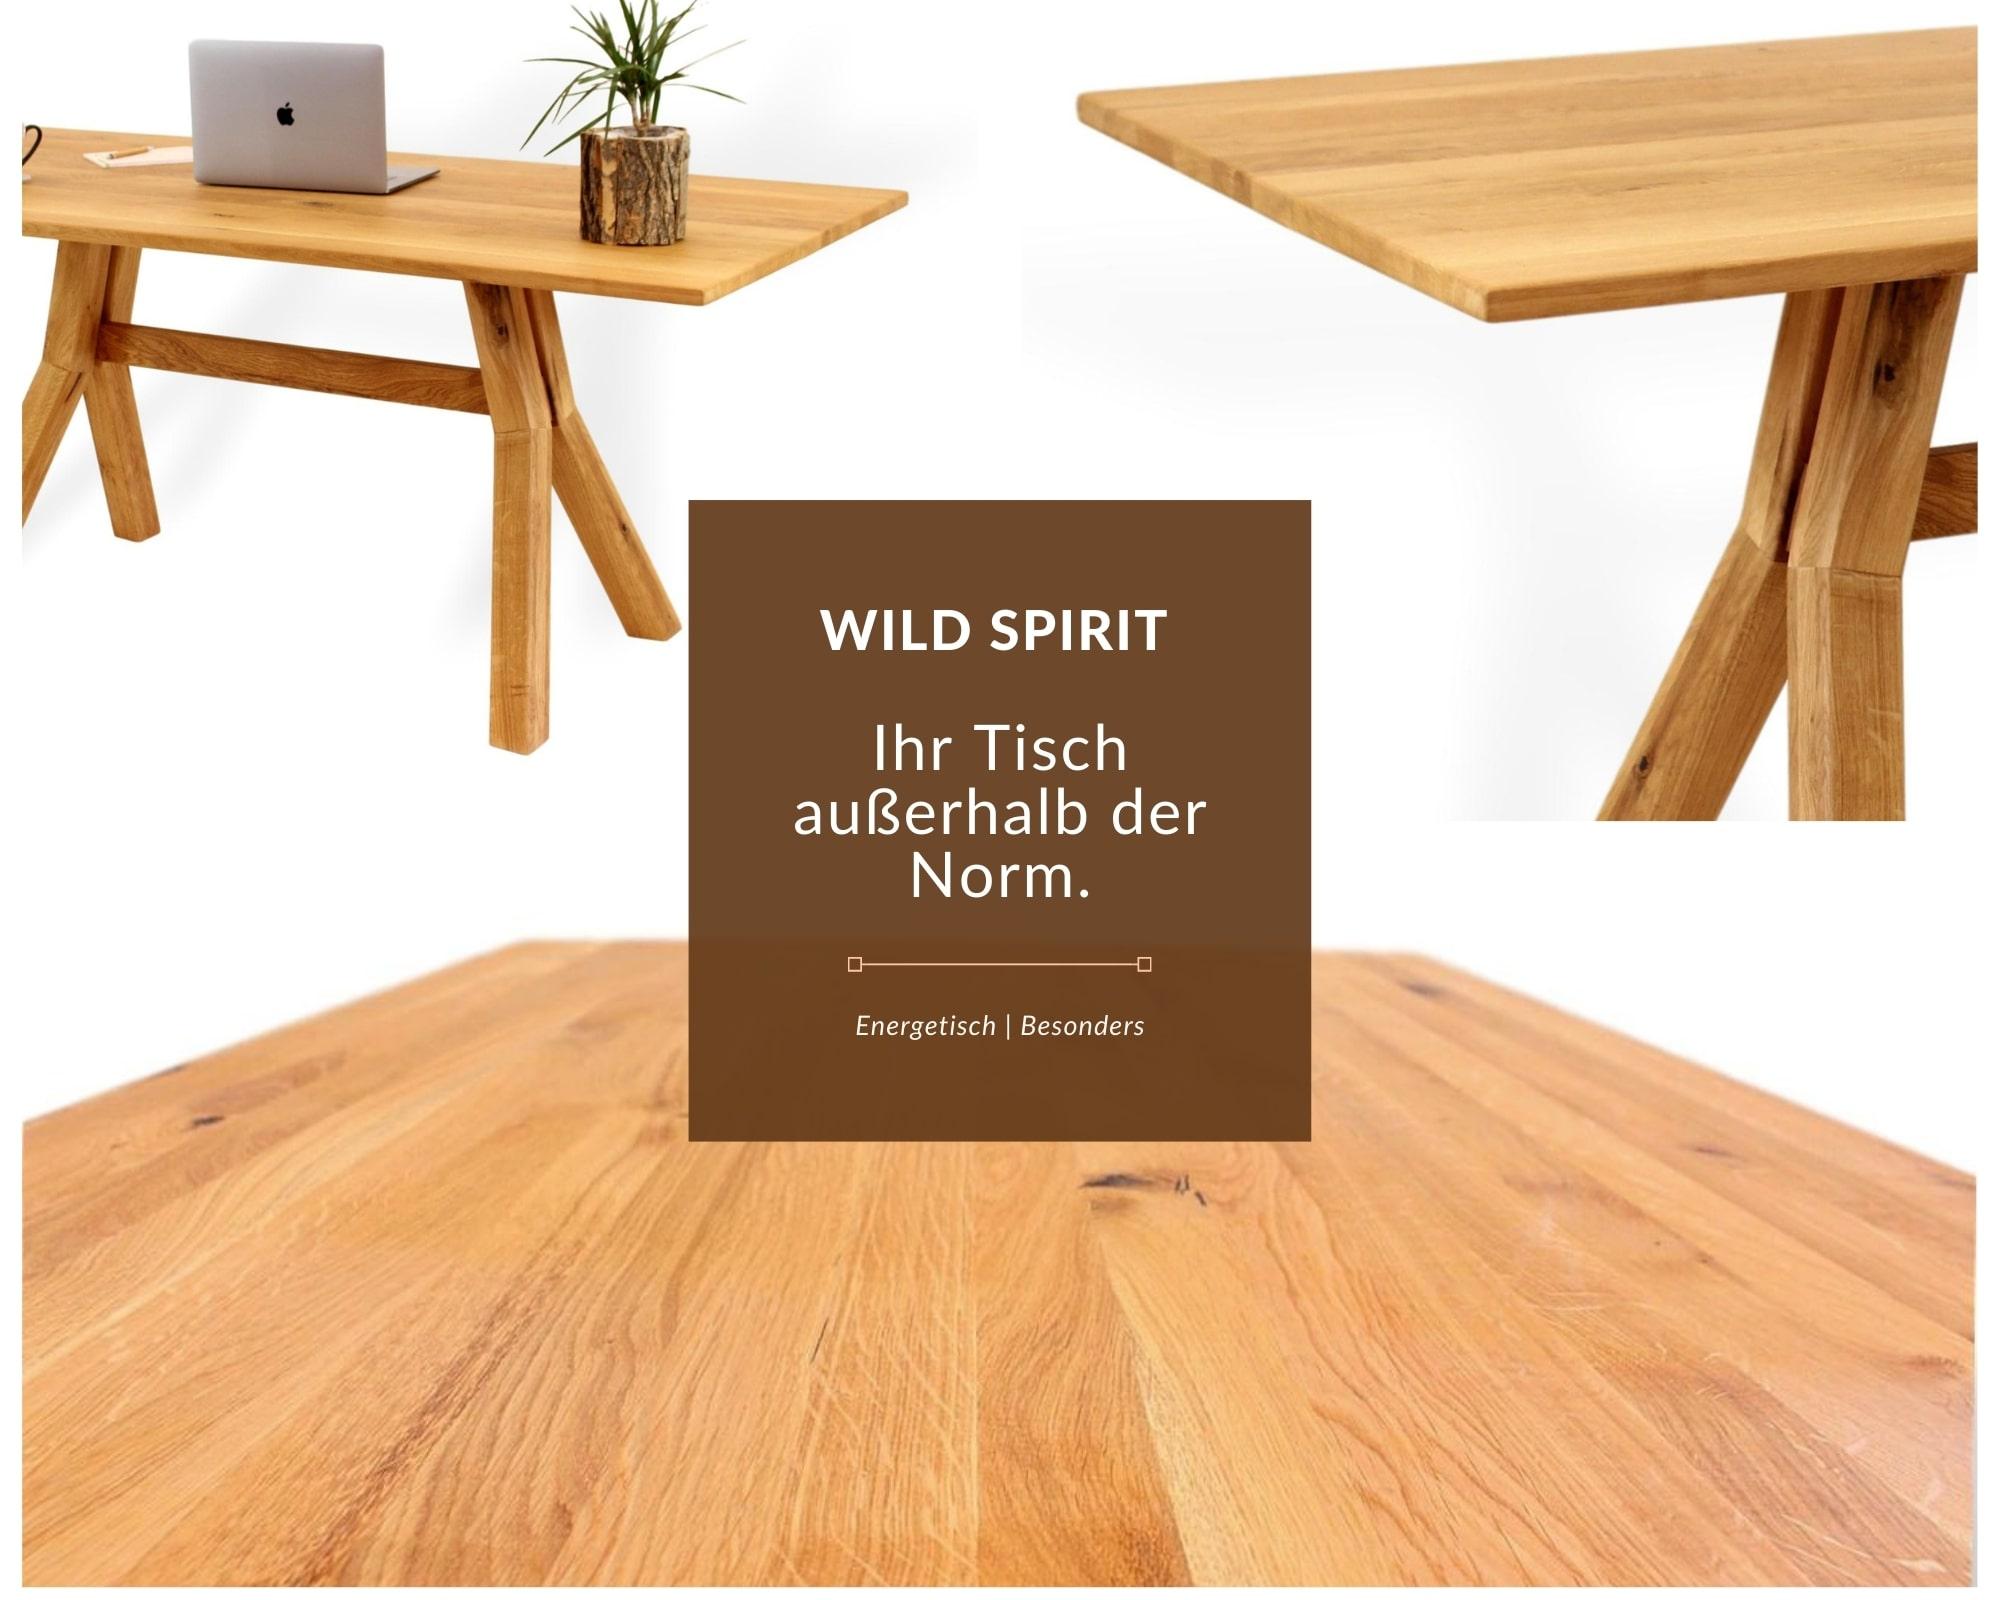 wildspirit massivholztisch mit besonderem tischgestell detailfotos